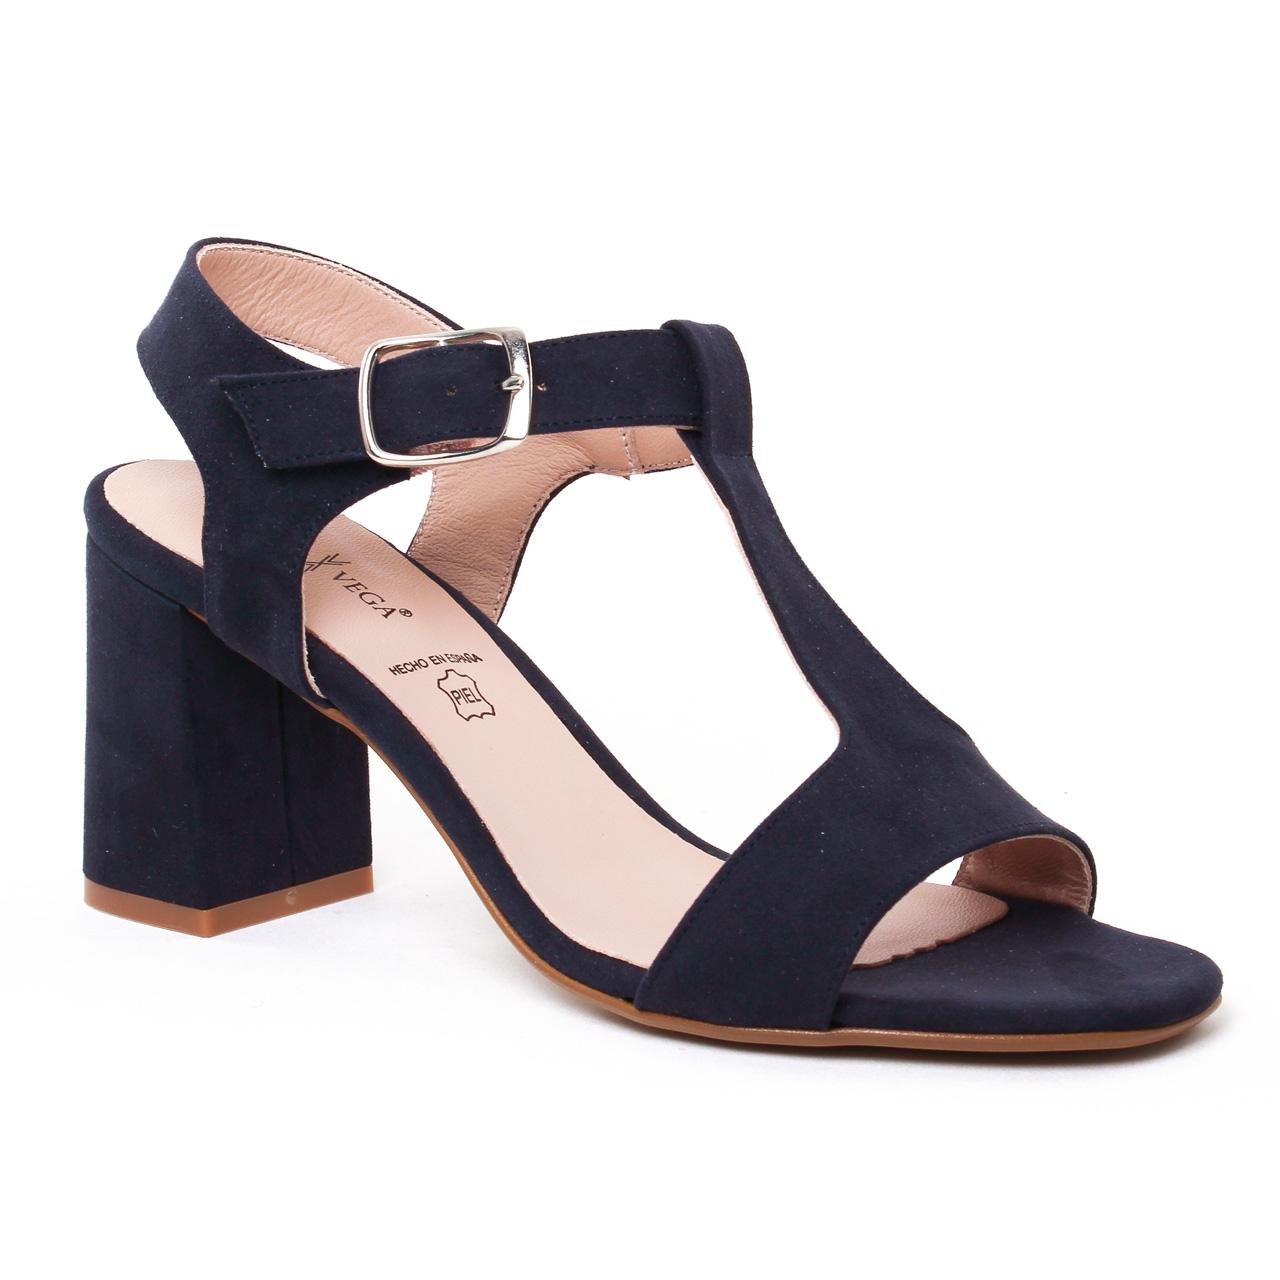 nu-pieds-talons-hauts bleu marine: même style de chaussures en ligne